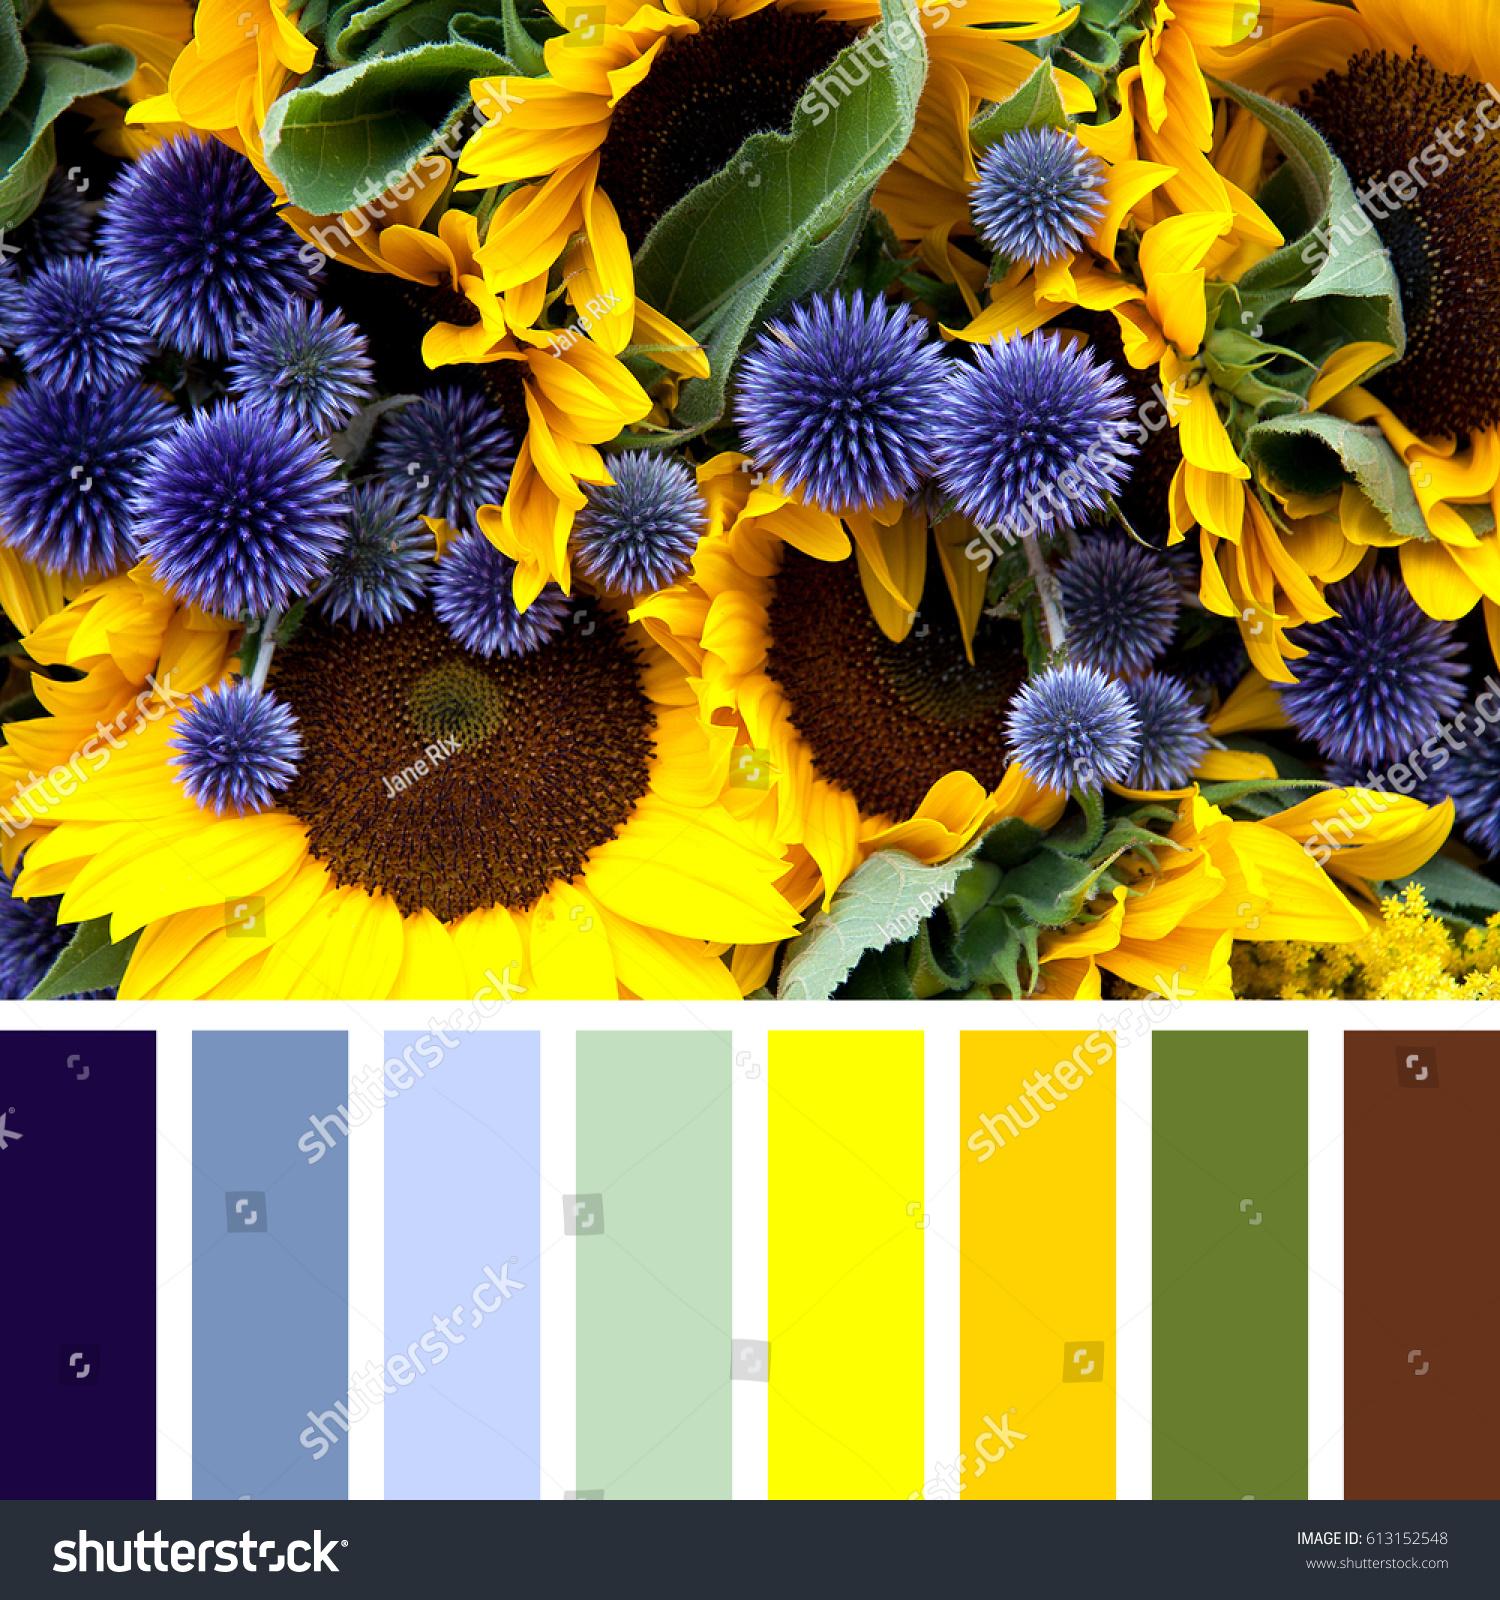 Closeup Sunflowers Allium Flowers Colour Palette Stock Photo 100